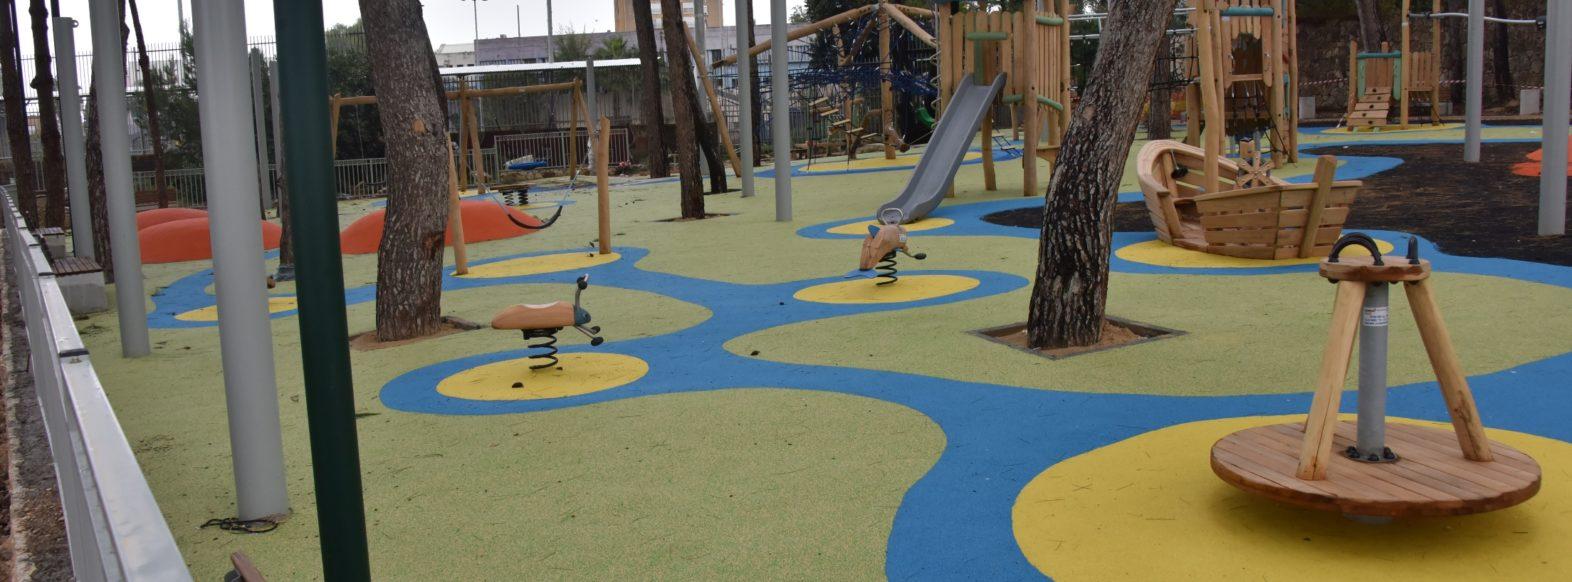 קריית אתא-גן משחקים ציבורי חדש ברחוב חנקין